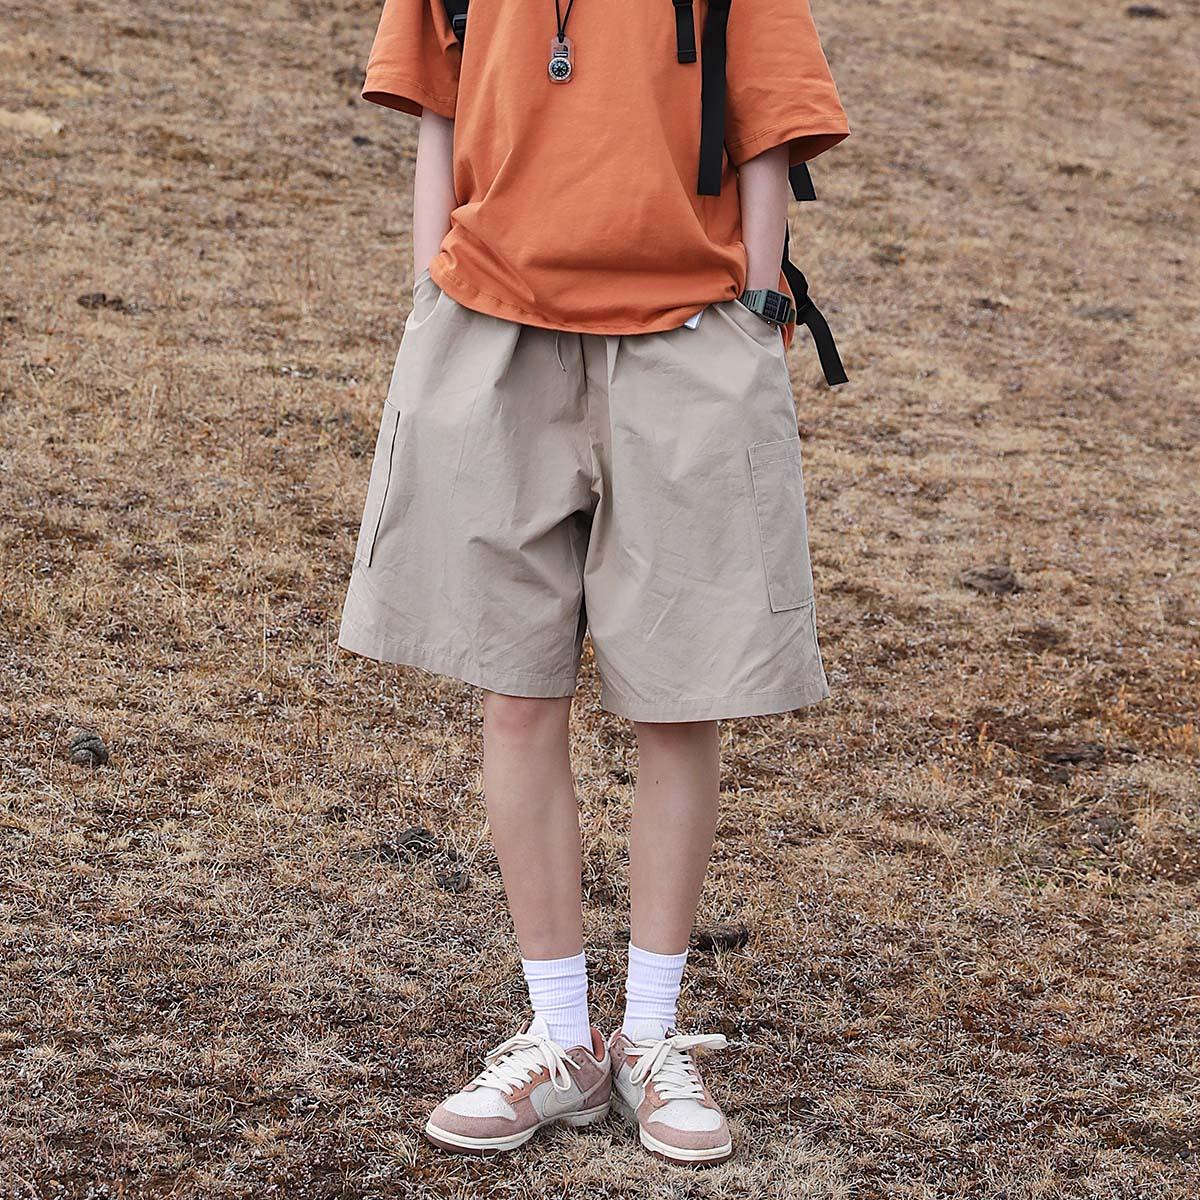 KOUEMGI空味 日系简约纯色工装短裤男潮牌机能口袋宽松运动五分裤